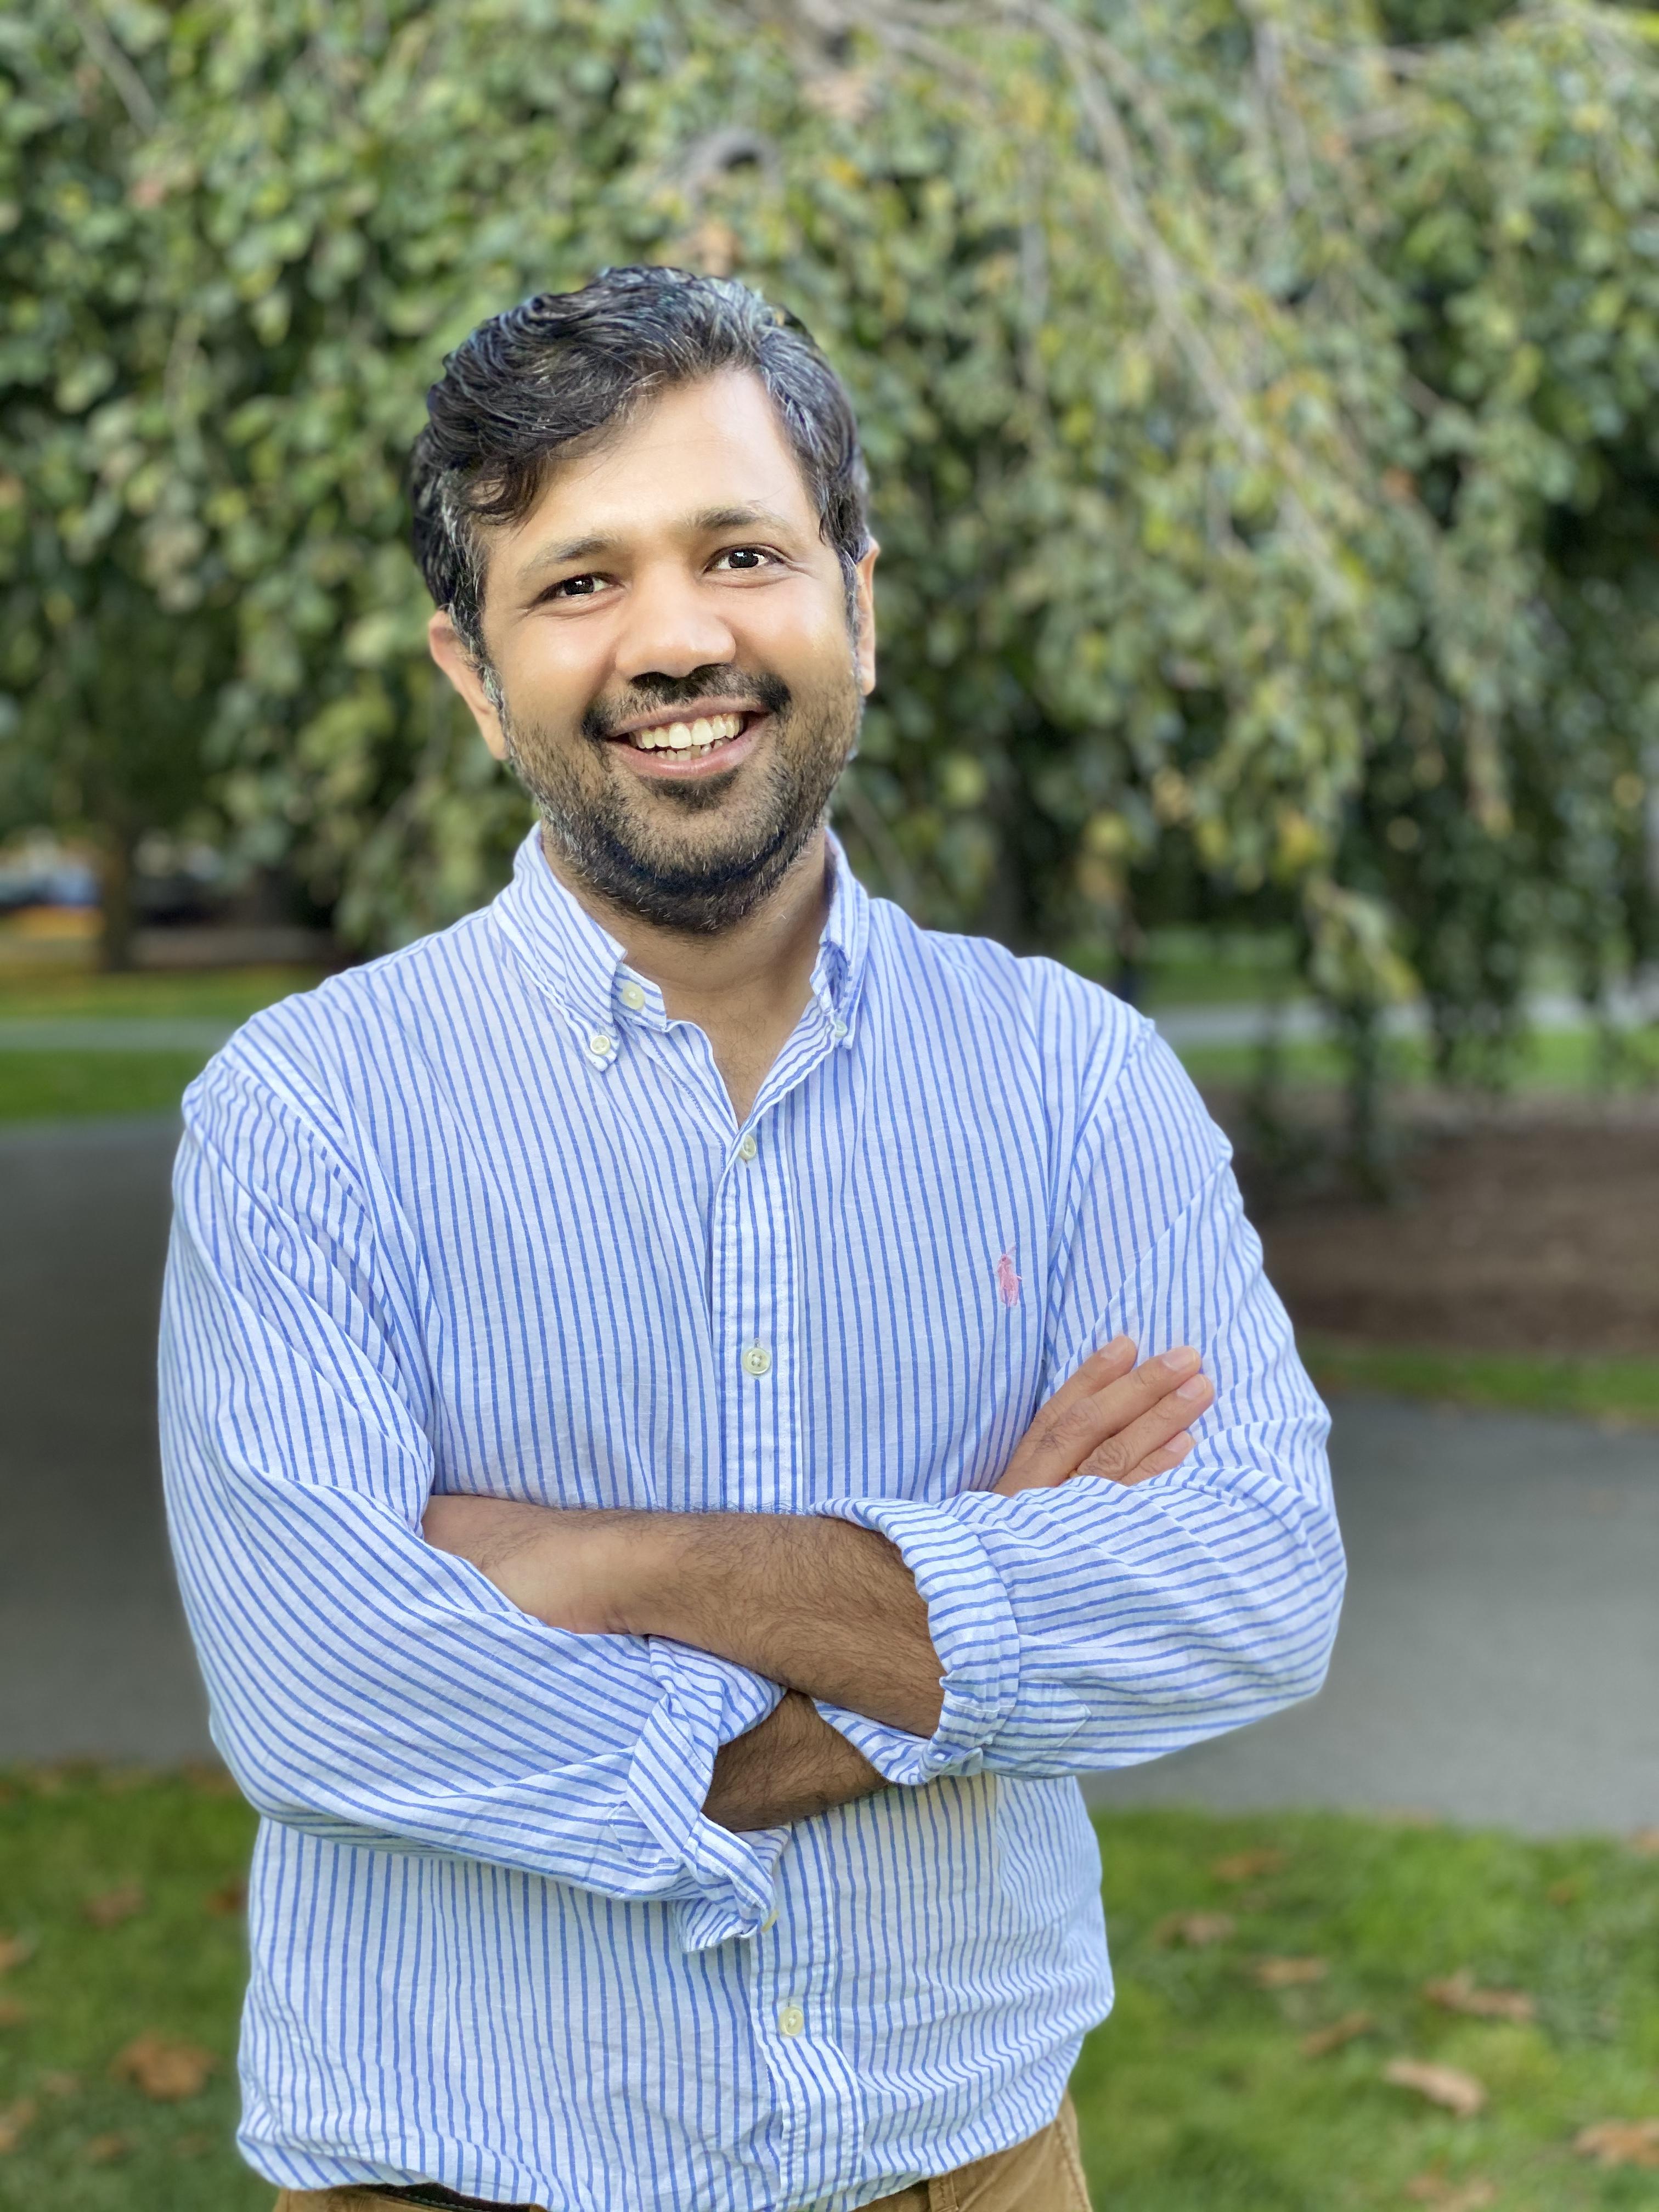 Nirmit Parikh